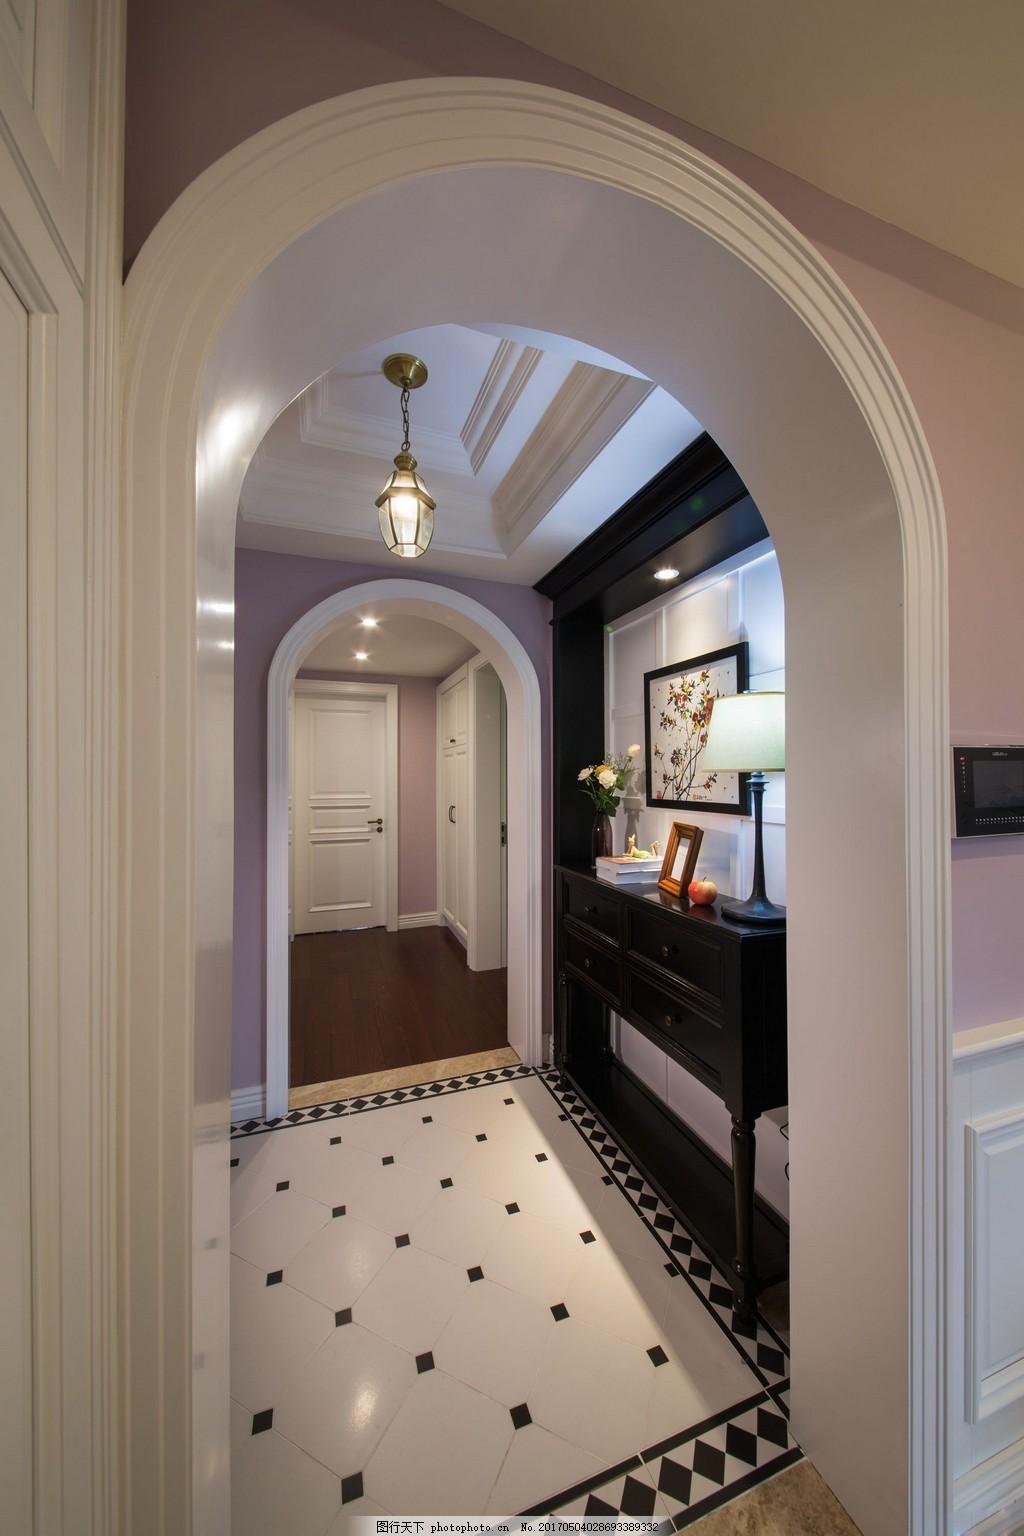 室内装修 设计素材 家装实景图 家居生活 现代装修 别墅 家居 拱门